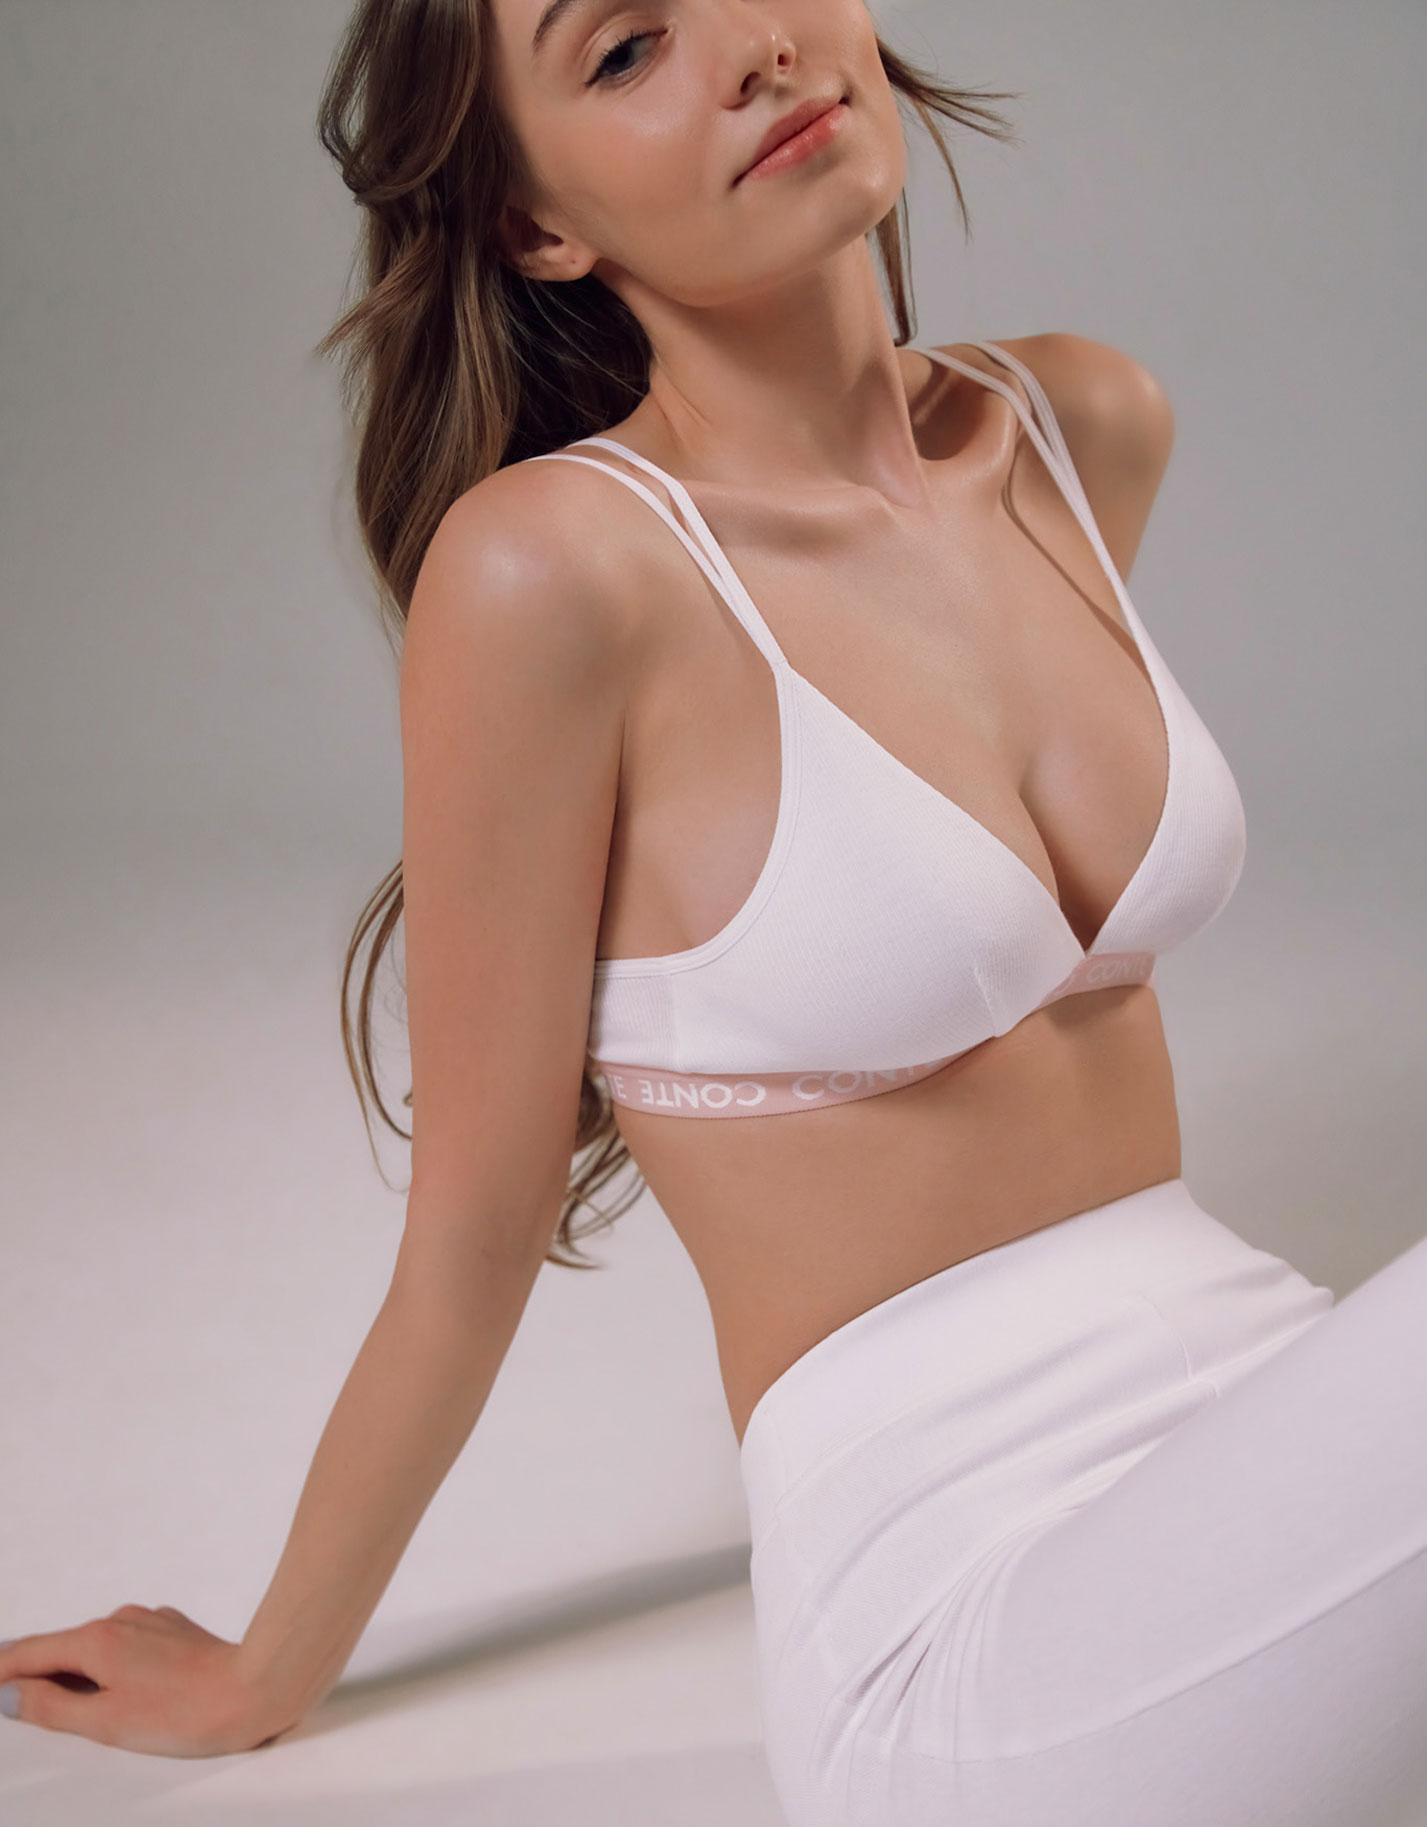 Каролина Жих в нижнем белье модного бренда Conte, сезон весна-лето 2021 / фото 04